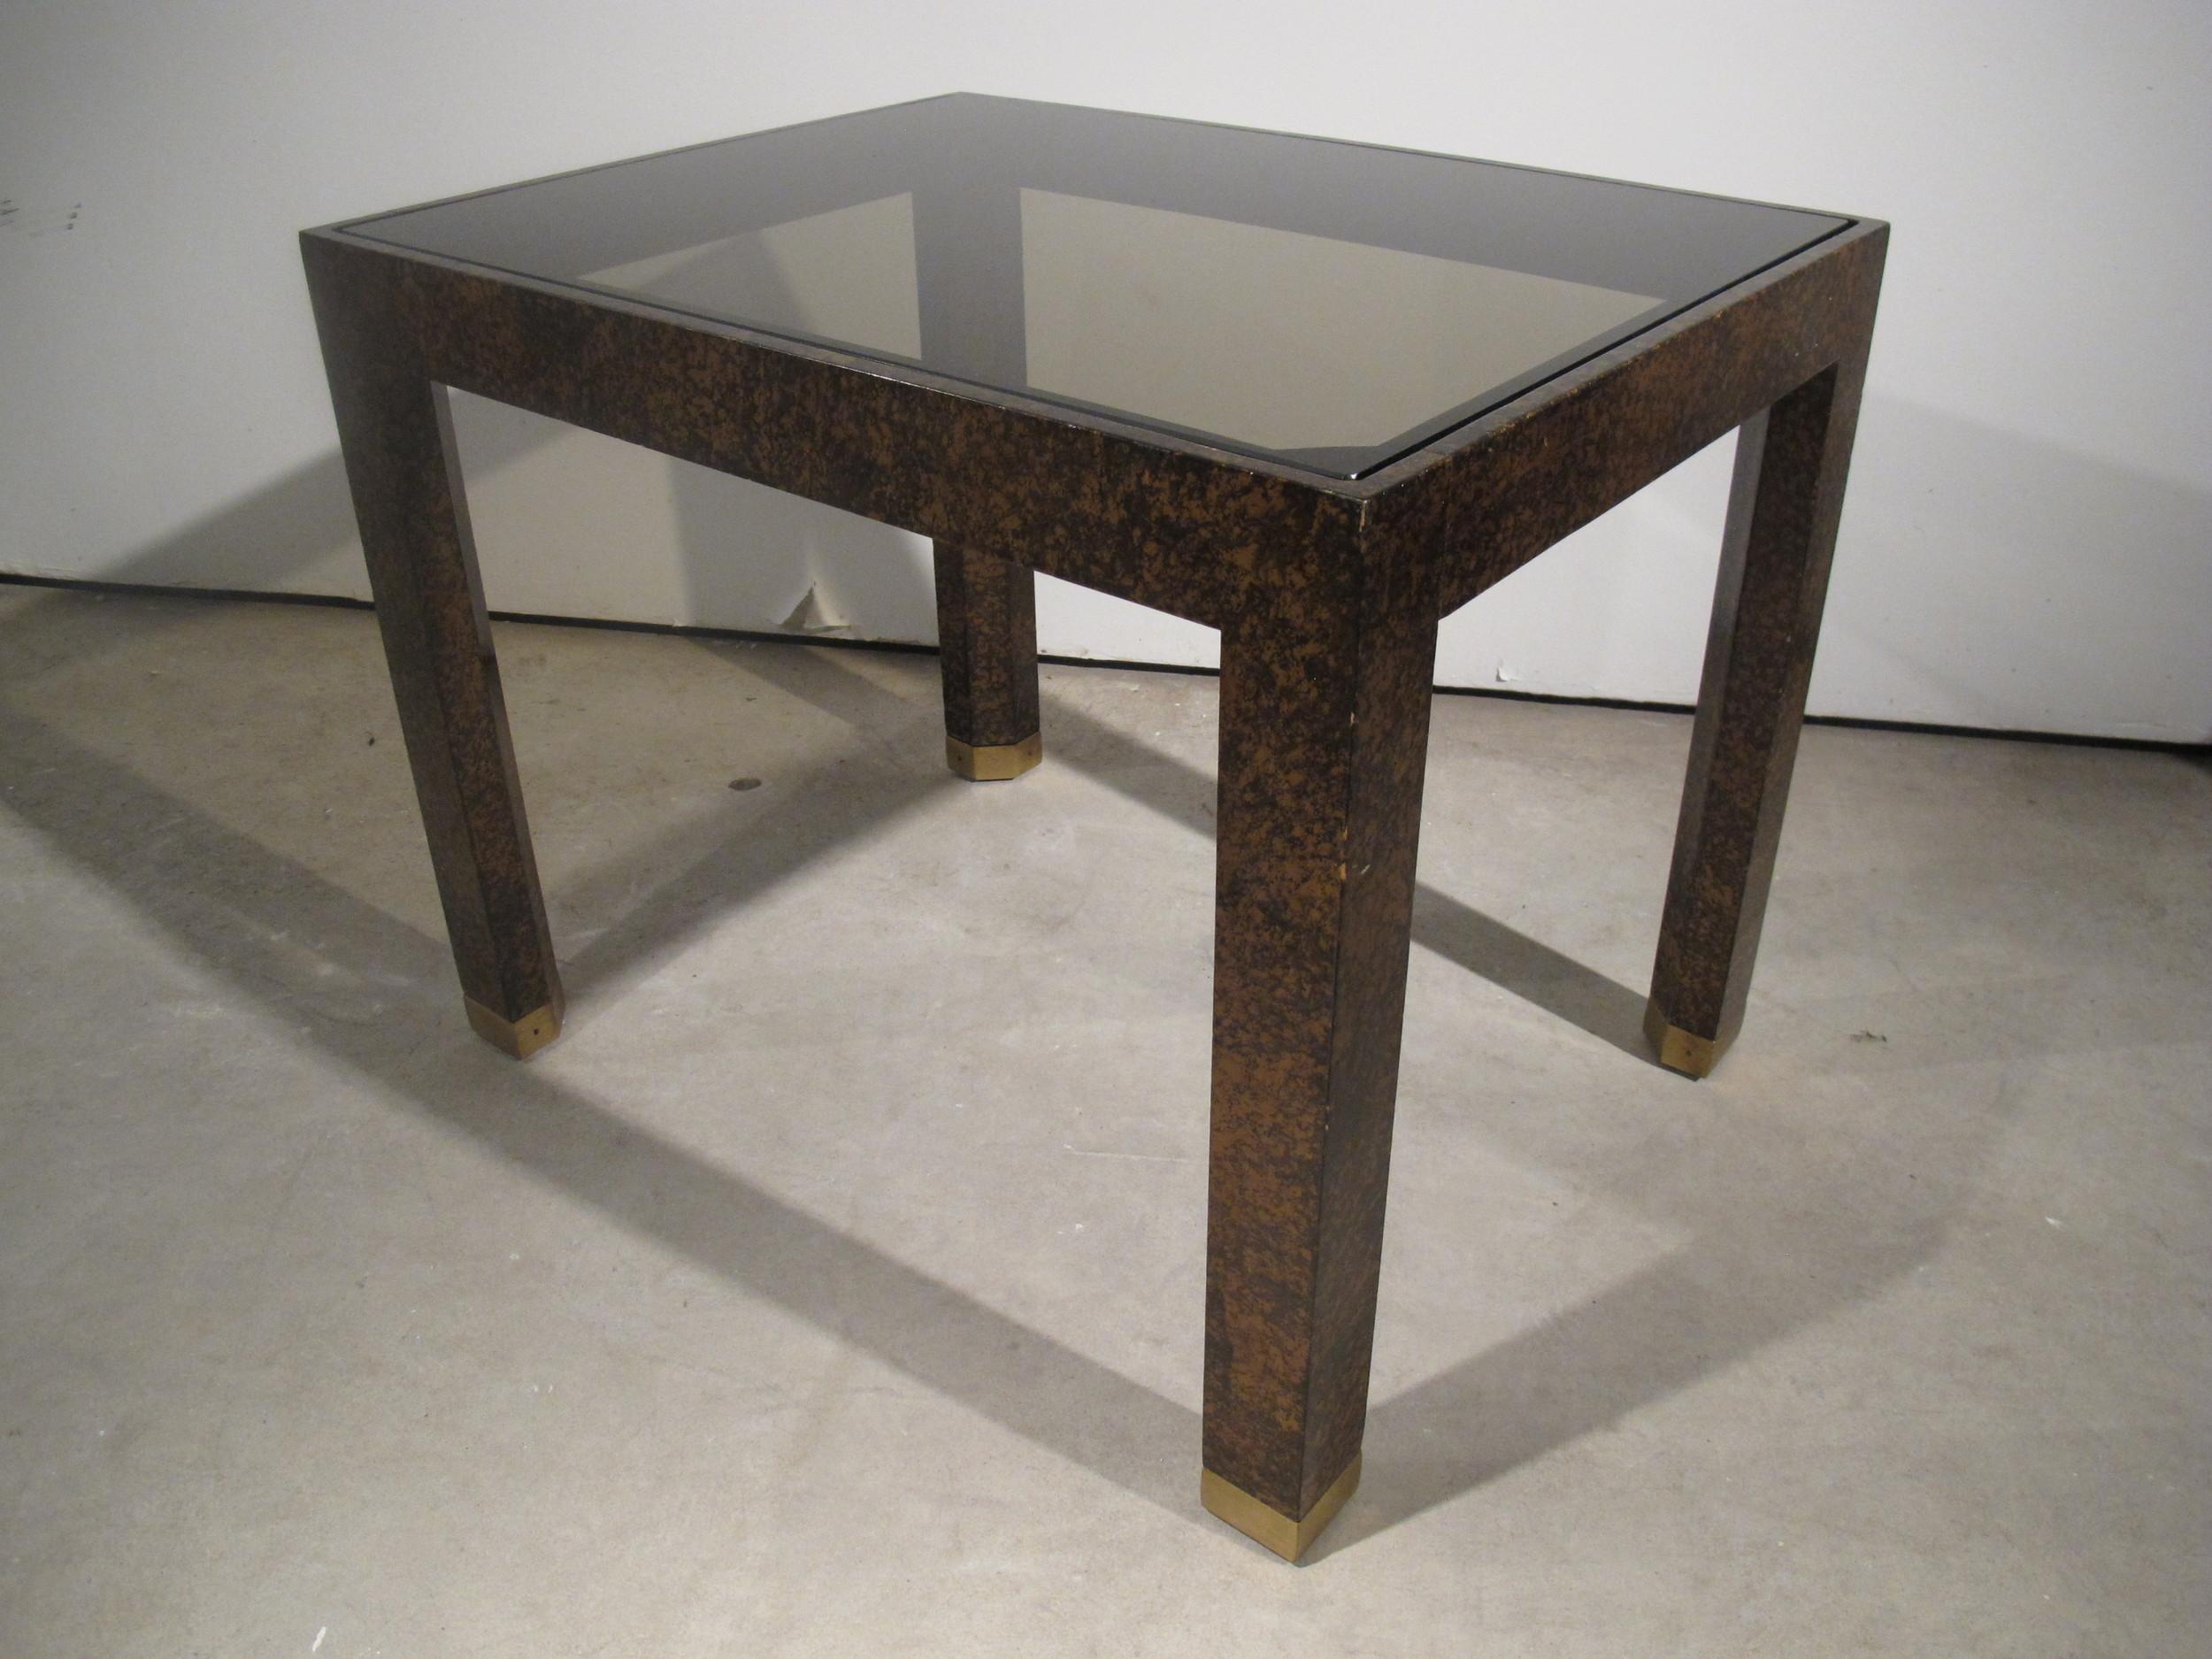 HENREDON TORTOISE SHELL & GLASS SIDE TABLE